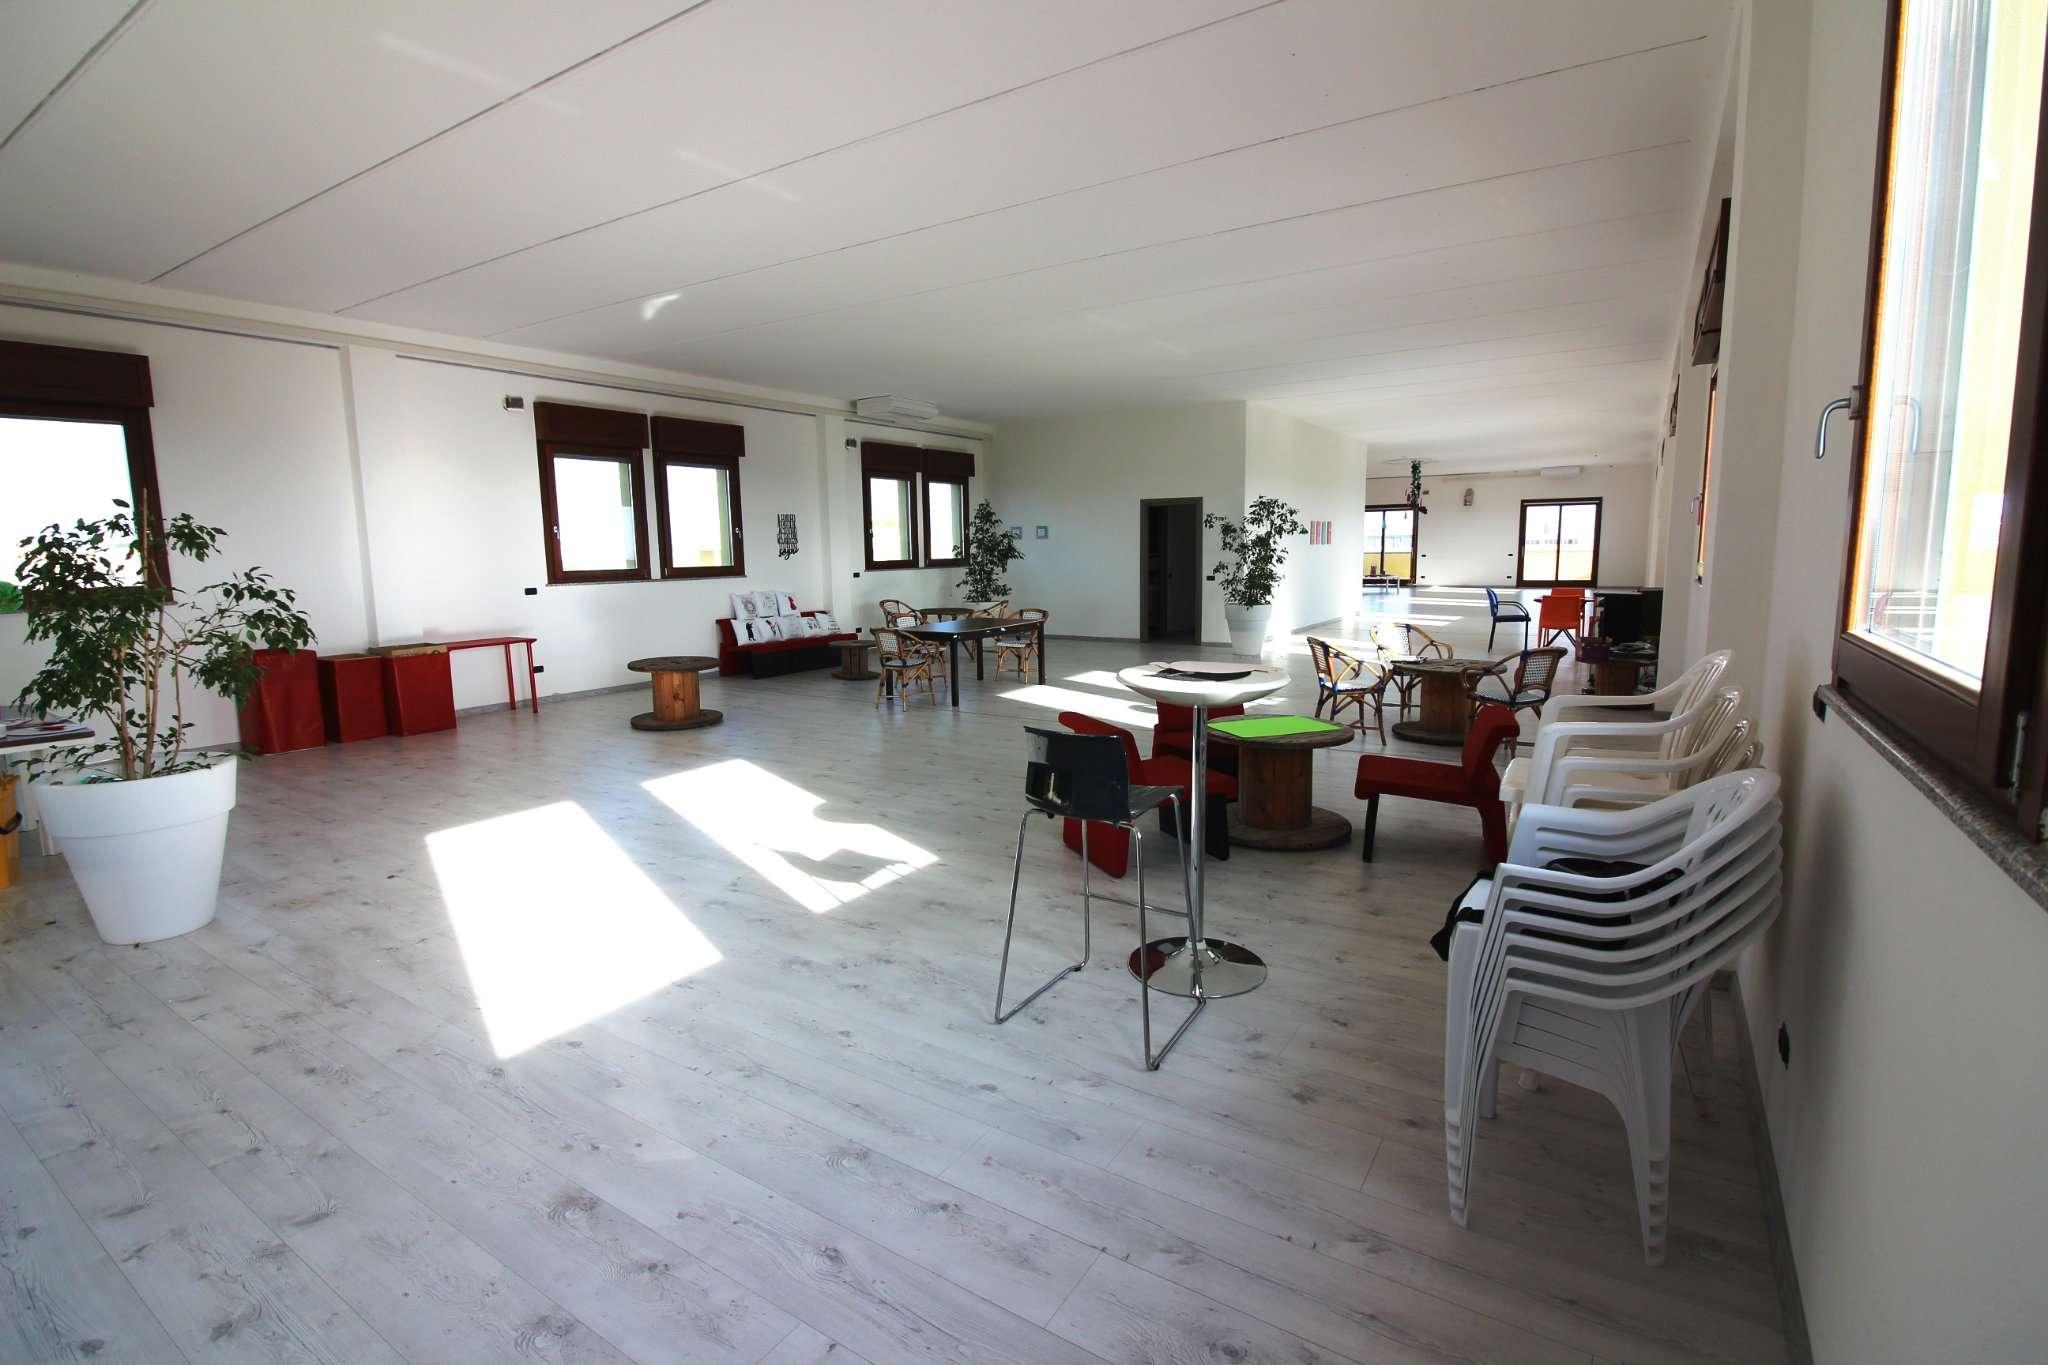 Negozio / Locale in affitto a Selargius, 2 locali, prezzo € 1.800 | Cambio Casa.it